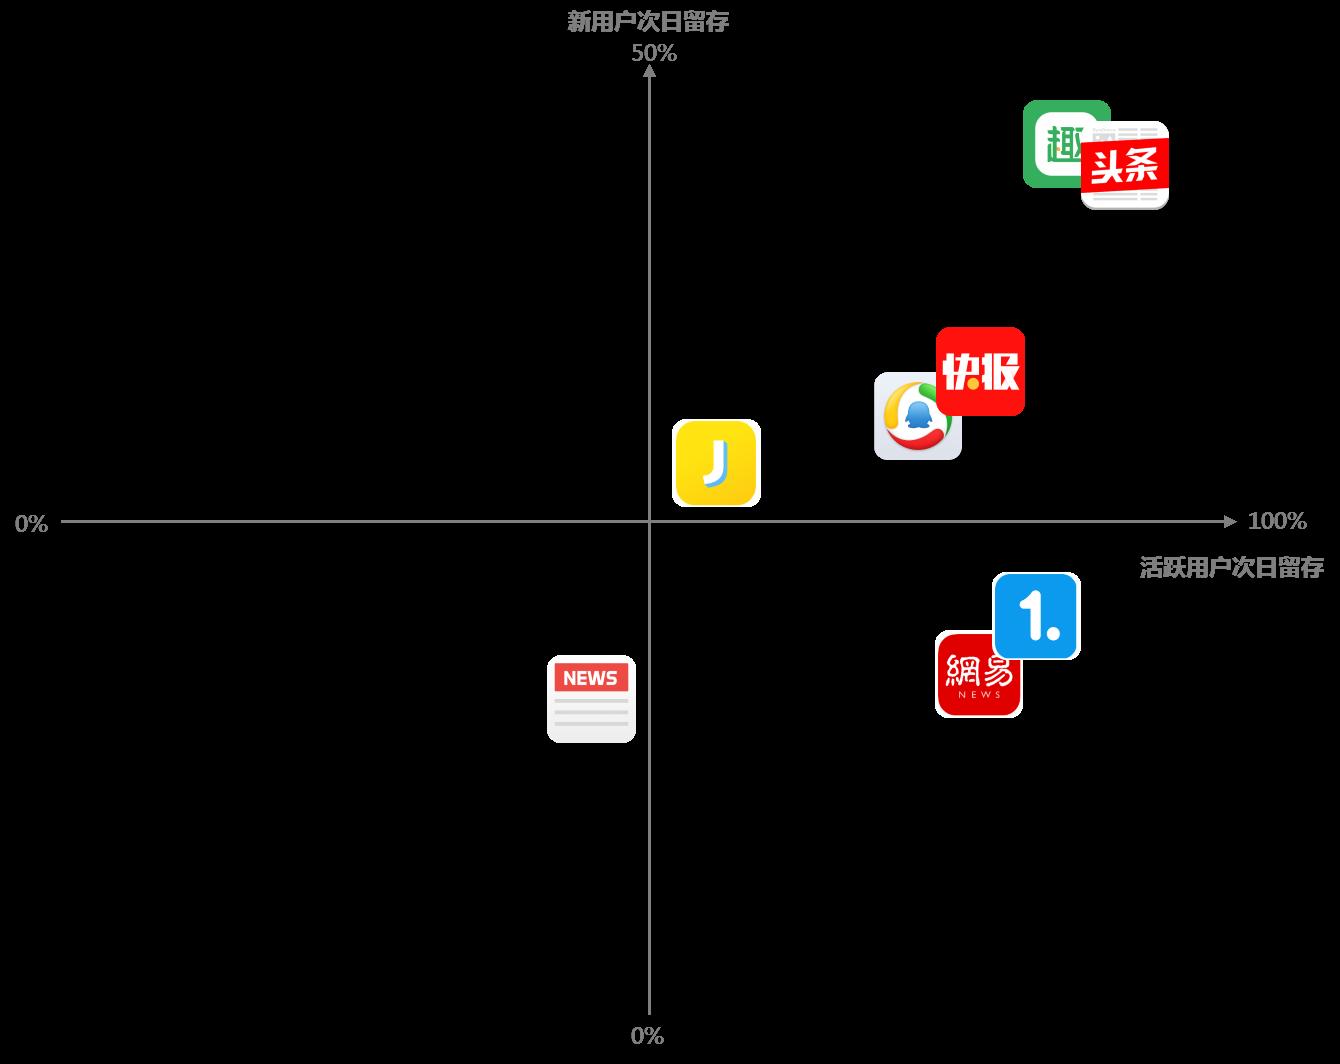 资讯内容APP——竞品分析体验